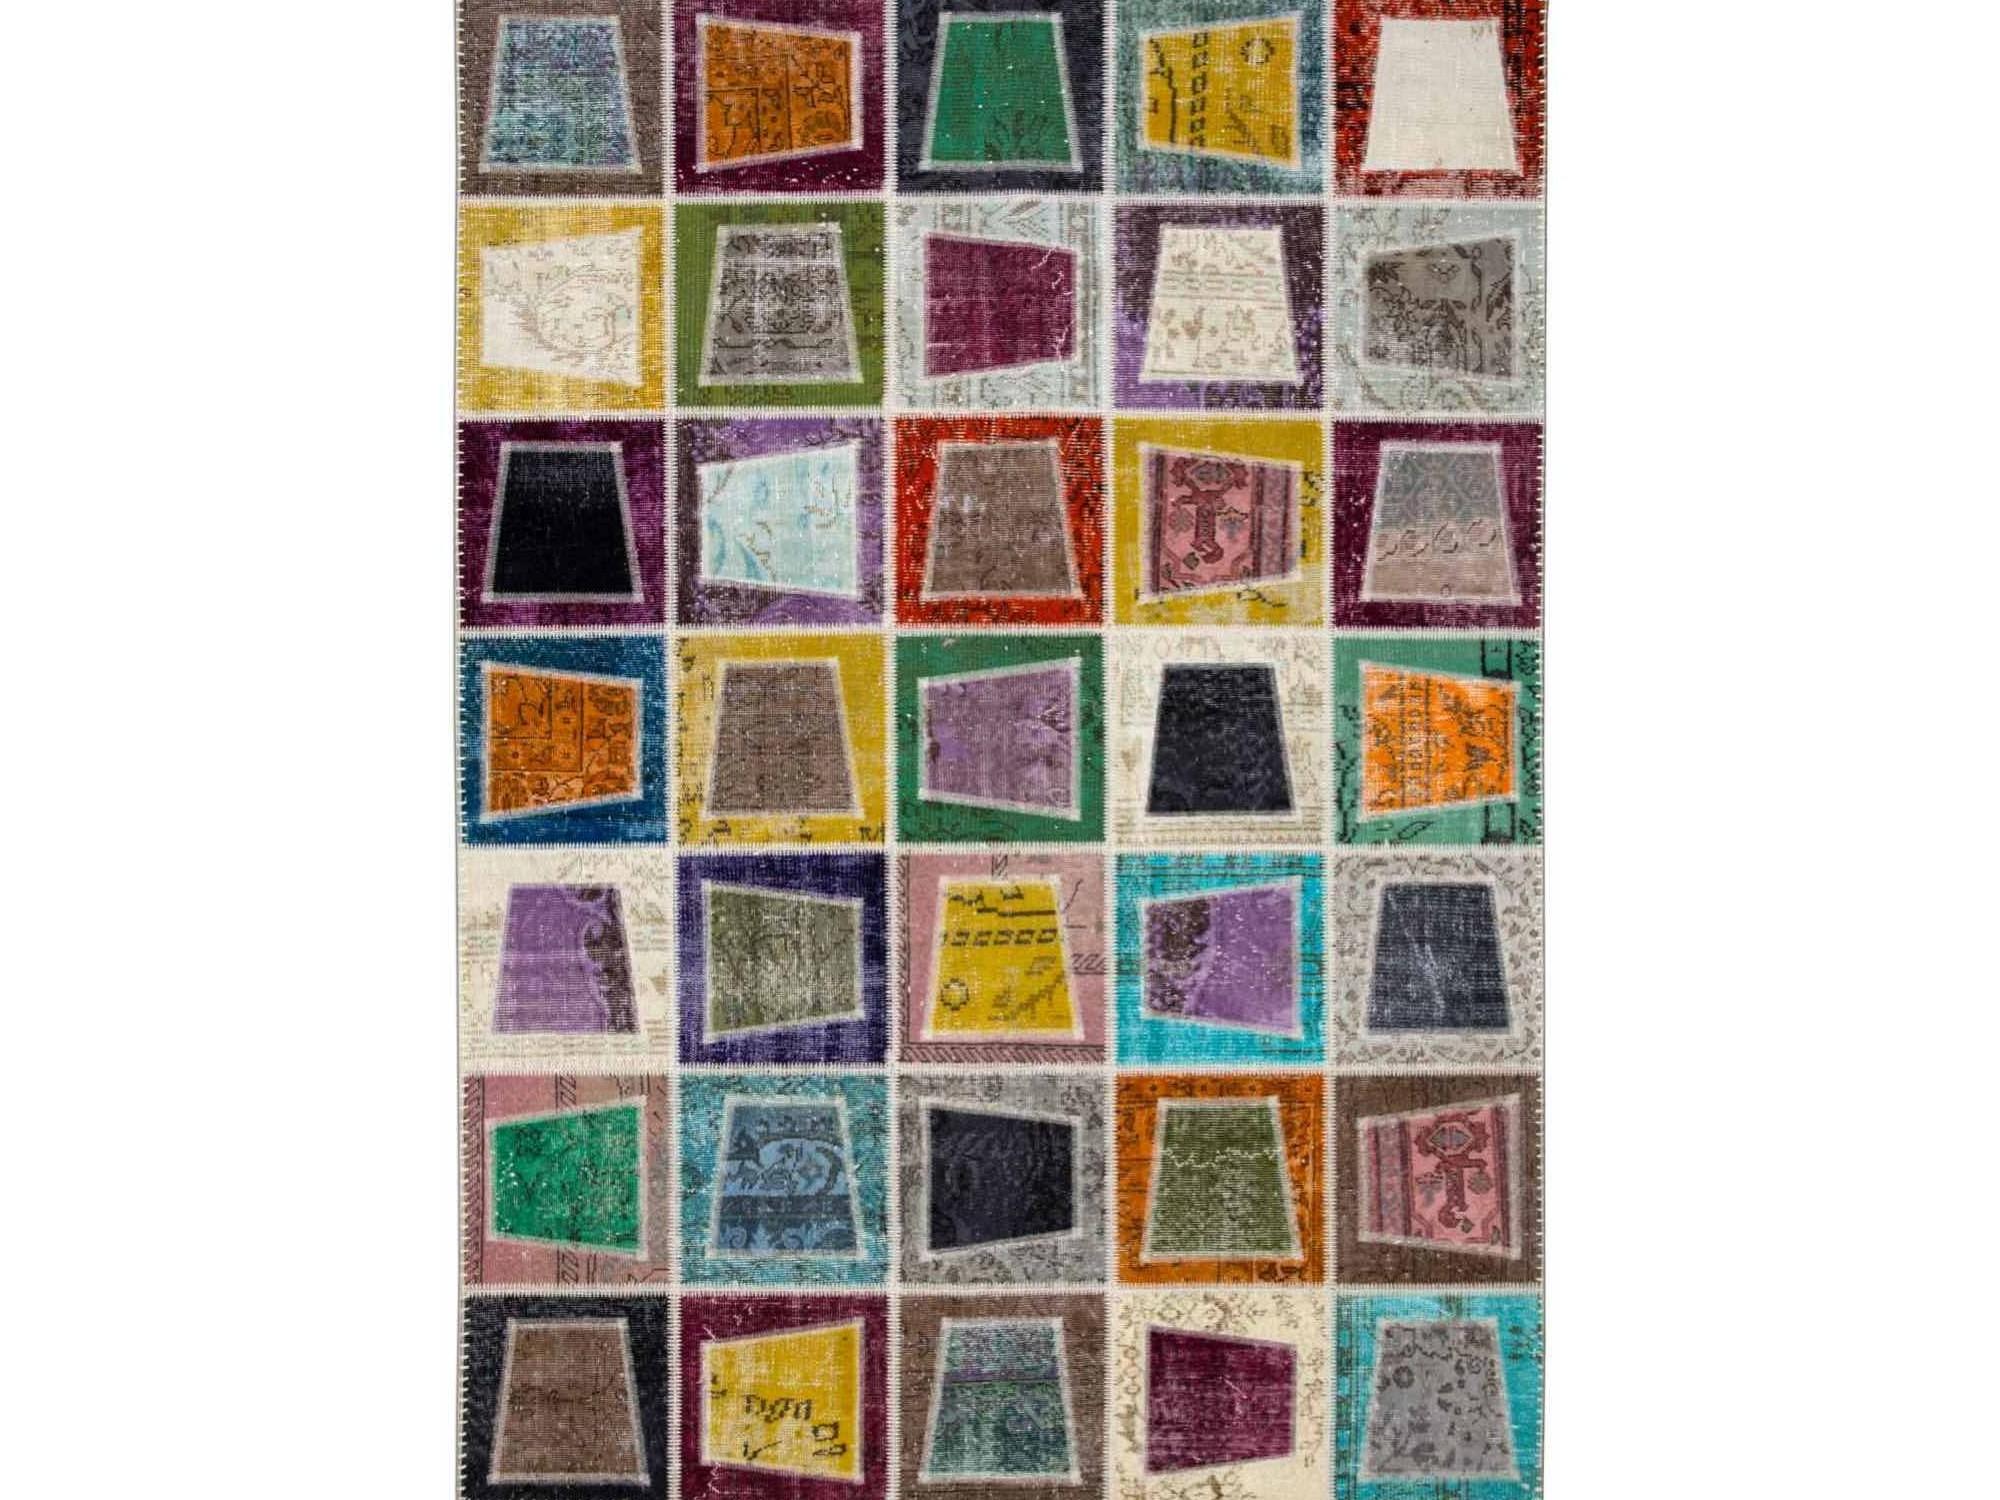 Ковер PatchworkПрямоугольные ковры<br>Винтажный ковер ручной работы в стиле &amp;quot;пэчворк&amp;quot; <br>из 100% шерсти. Ковер прекрасно подходит в <br>любые современные и классические интерьеры, <br>а благодаря толщине ковра всего 5 мм. и отсутствию <br>ворса, его легко чистить любыми видами пылесосов. <br>Этот настоящий ковер ручной работы не потеряет <br>своих красок и будет служить десятилетия.<br><br>Material: Шерсть<br>Width см: 200<br>Depth см: 280